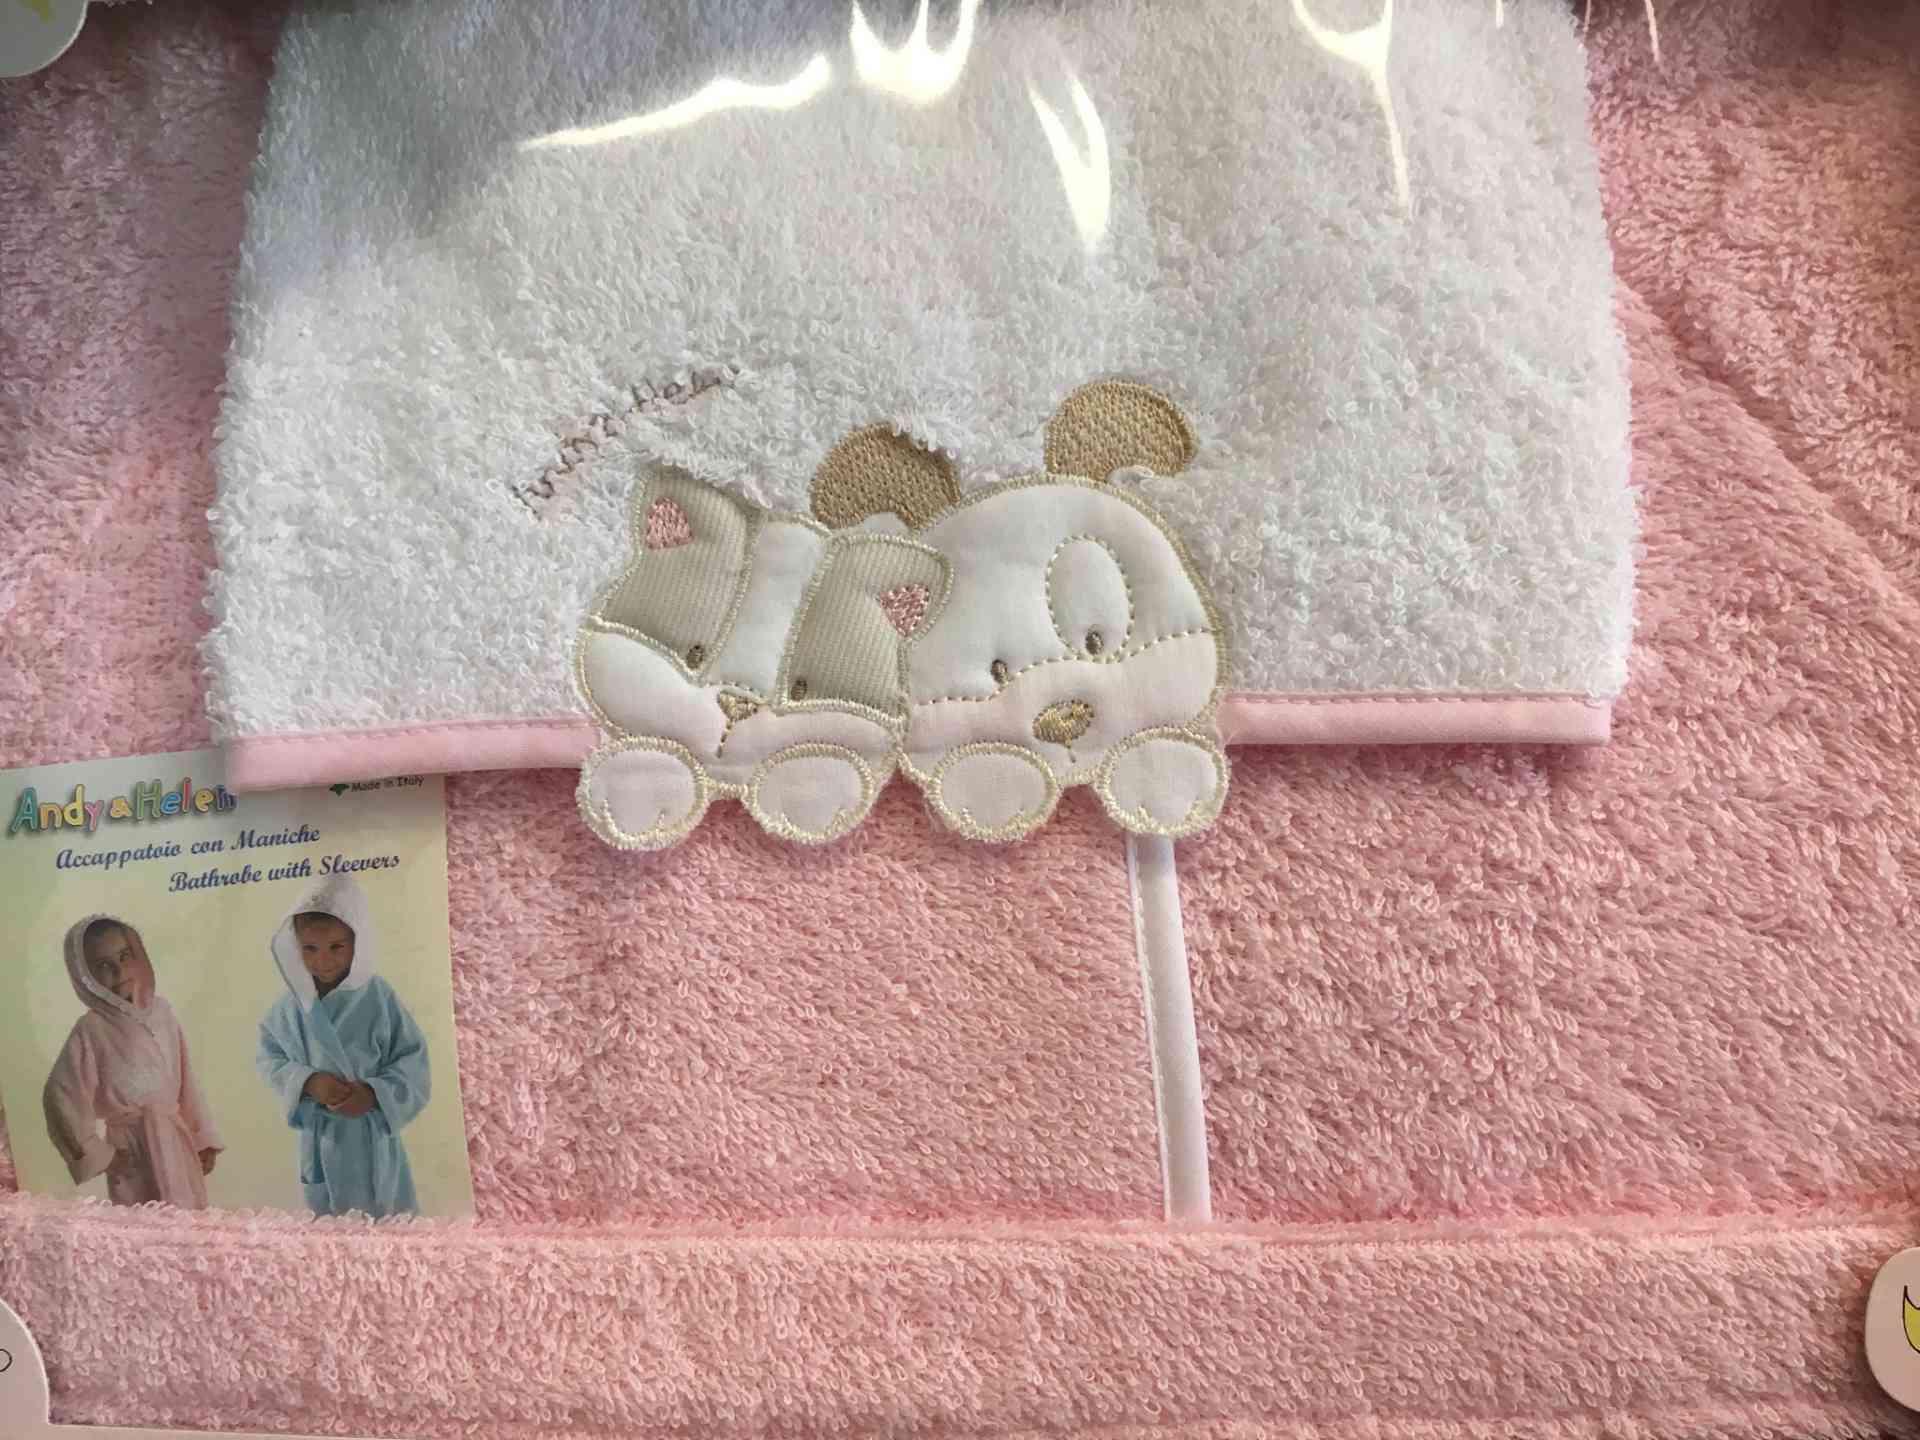 accappatoi-neonato-innamorati-tessuti-biancheria-foligno-assisi